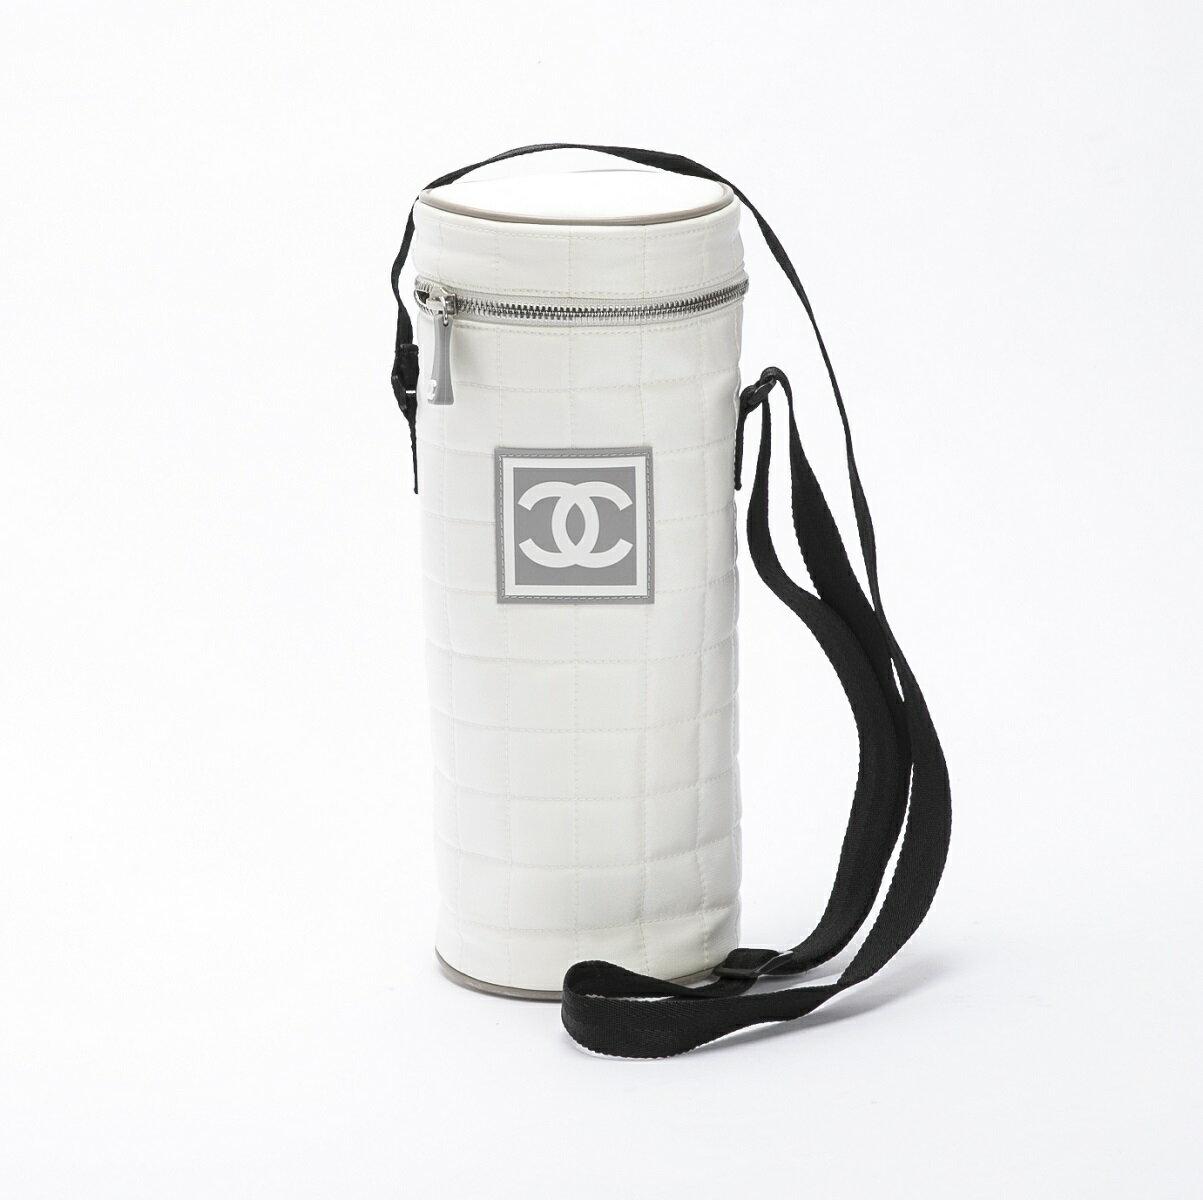 CHANEL シャネル スポーツライン ショルダーバッグ ホワイト×ブラック ナイロン 筒型 【トレジャースポット】【中古】:Treasure Spot